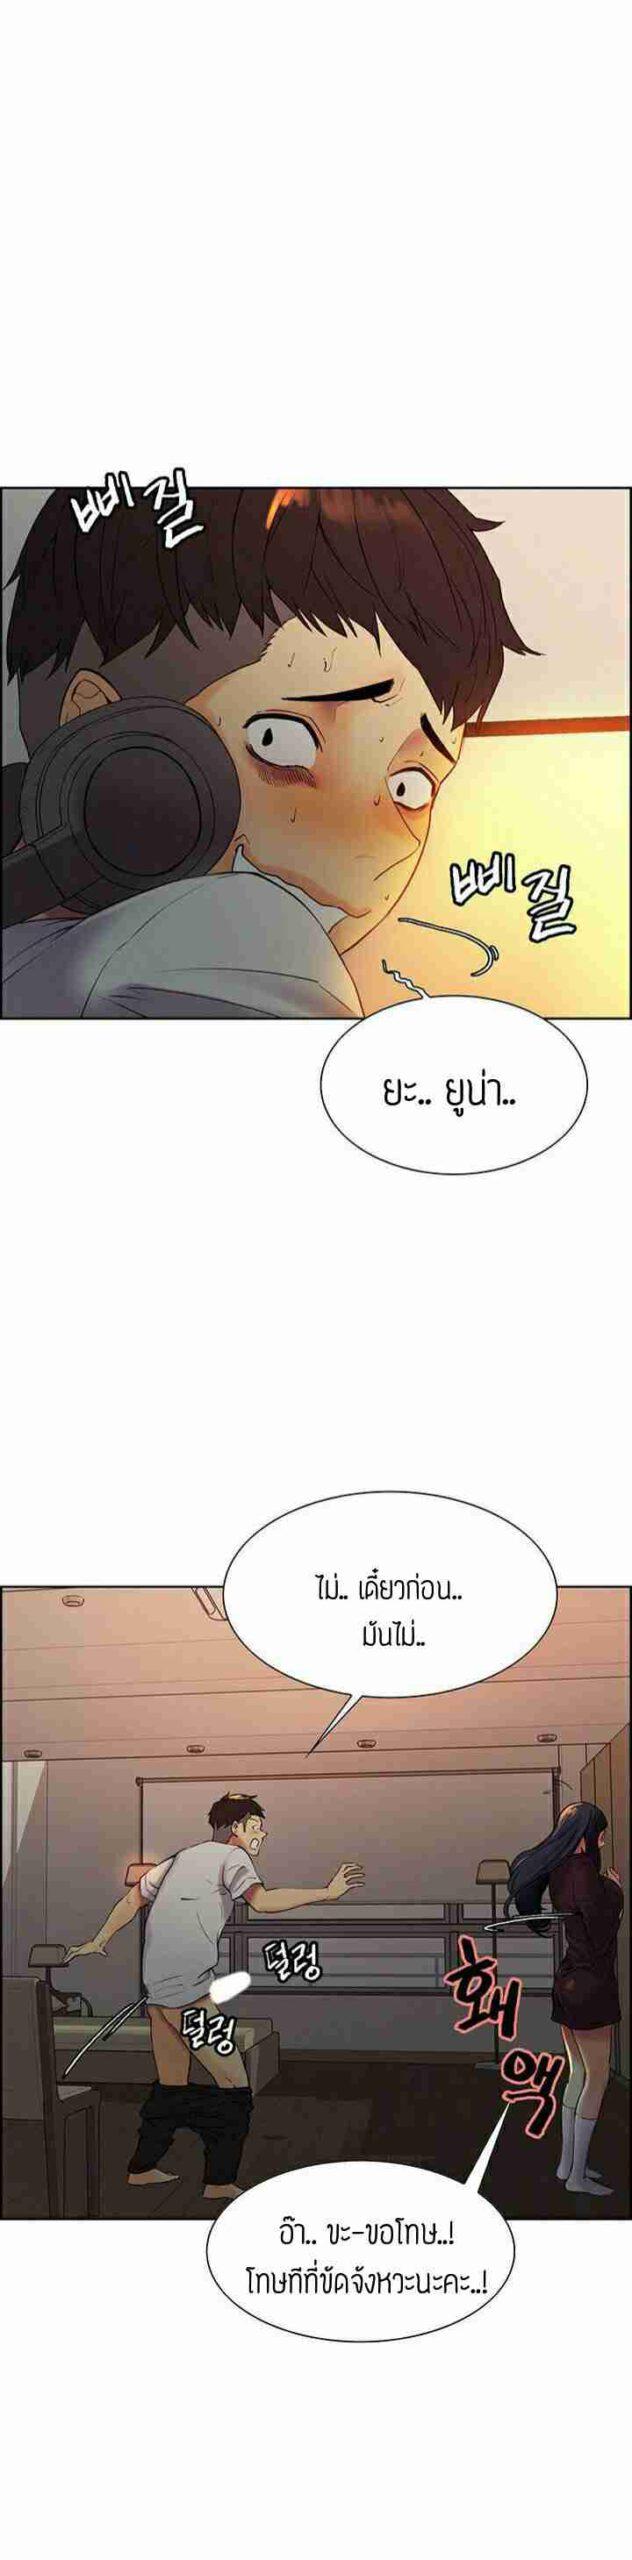 โดจิน Doujin รักแบบครอบครัวปลอมๆ